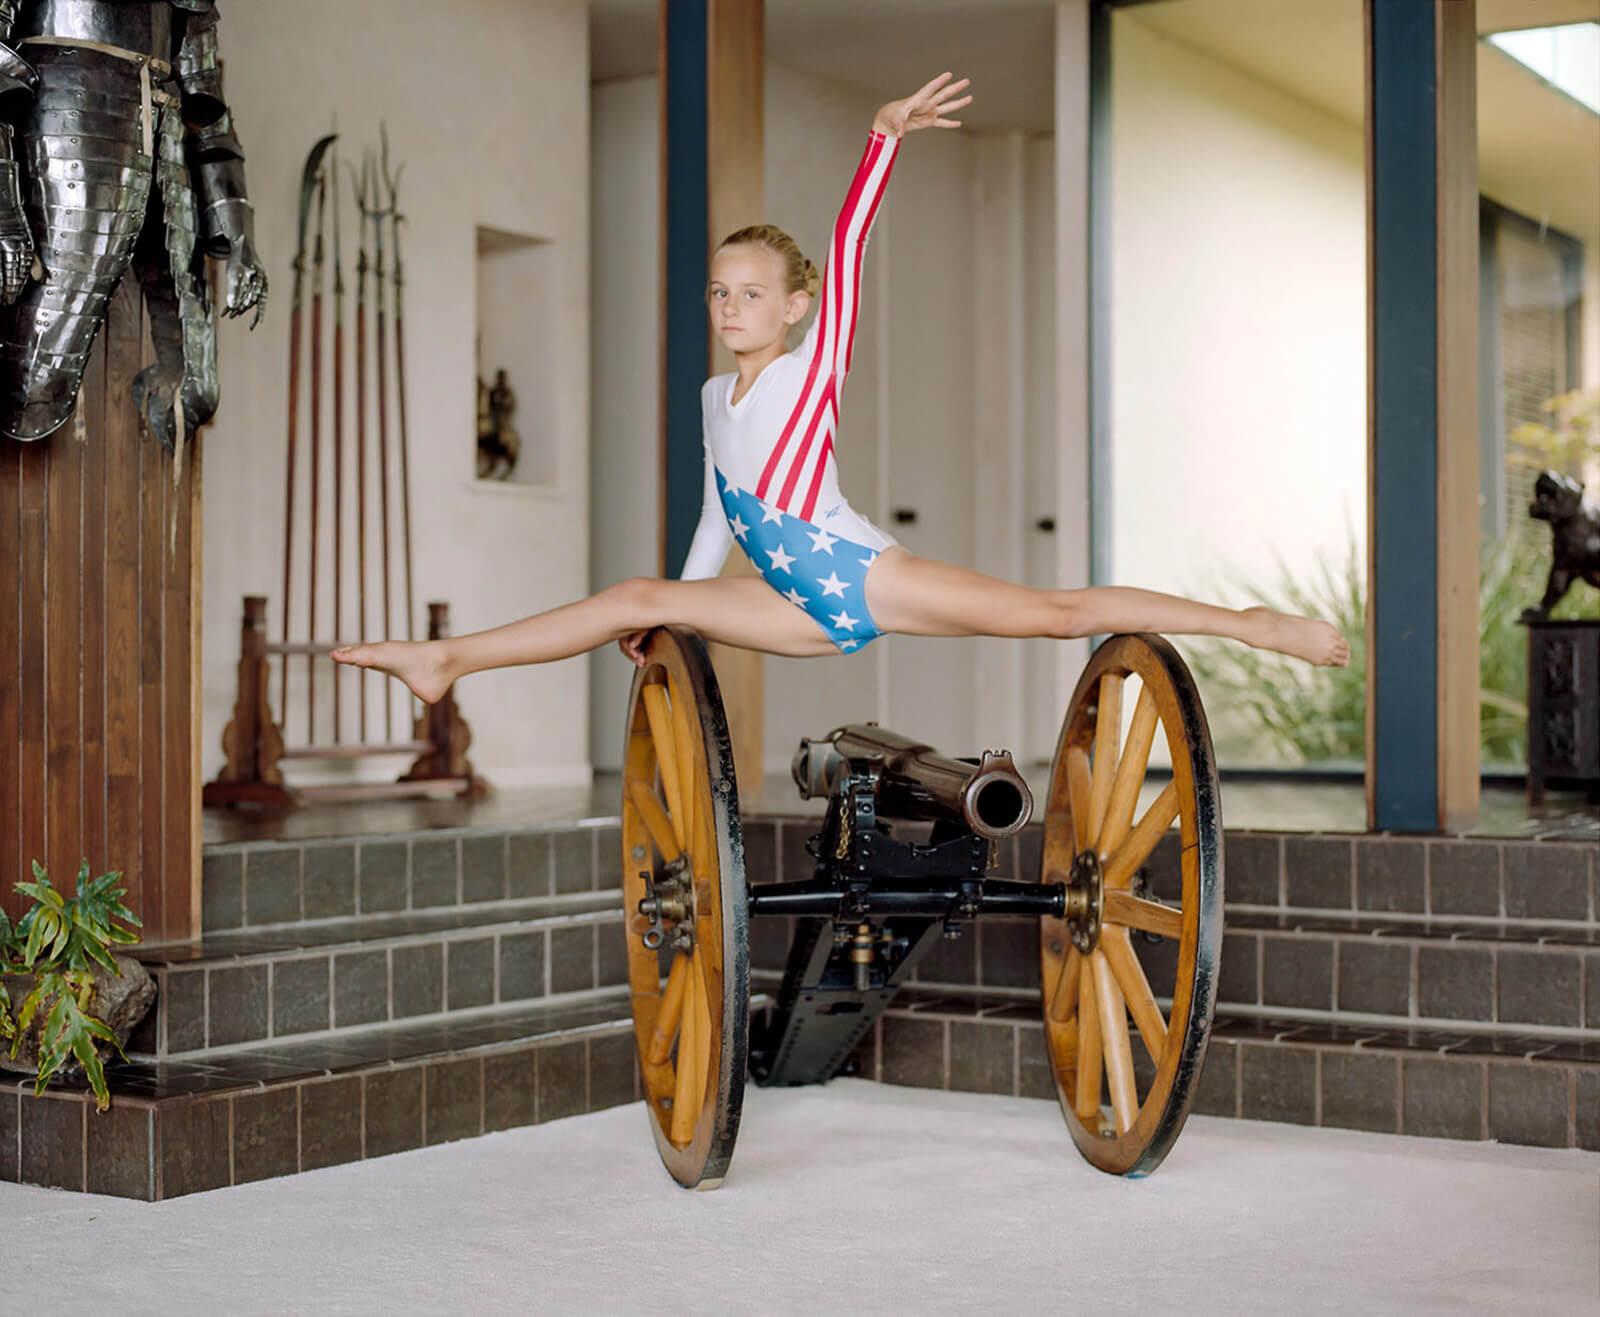 Buck_Ellison_Living_Trust_06_Sierra_-Gymnastics-Routine